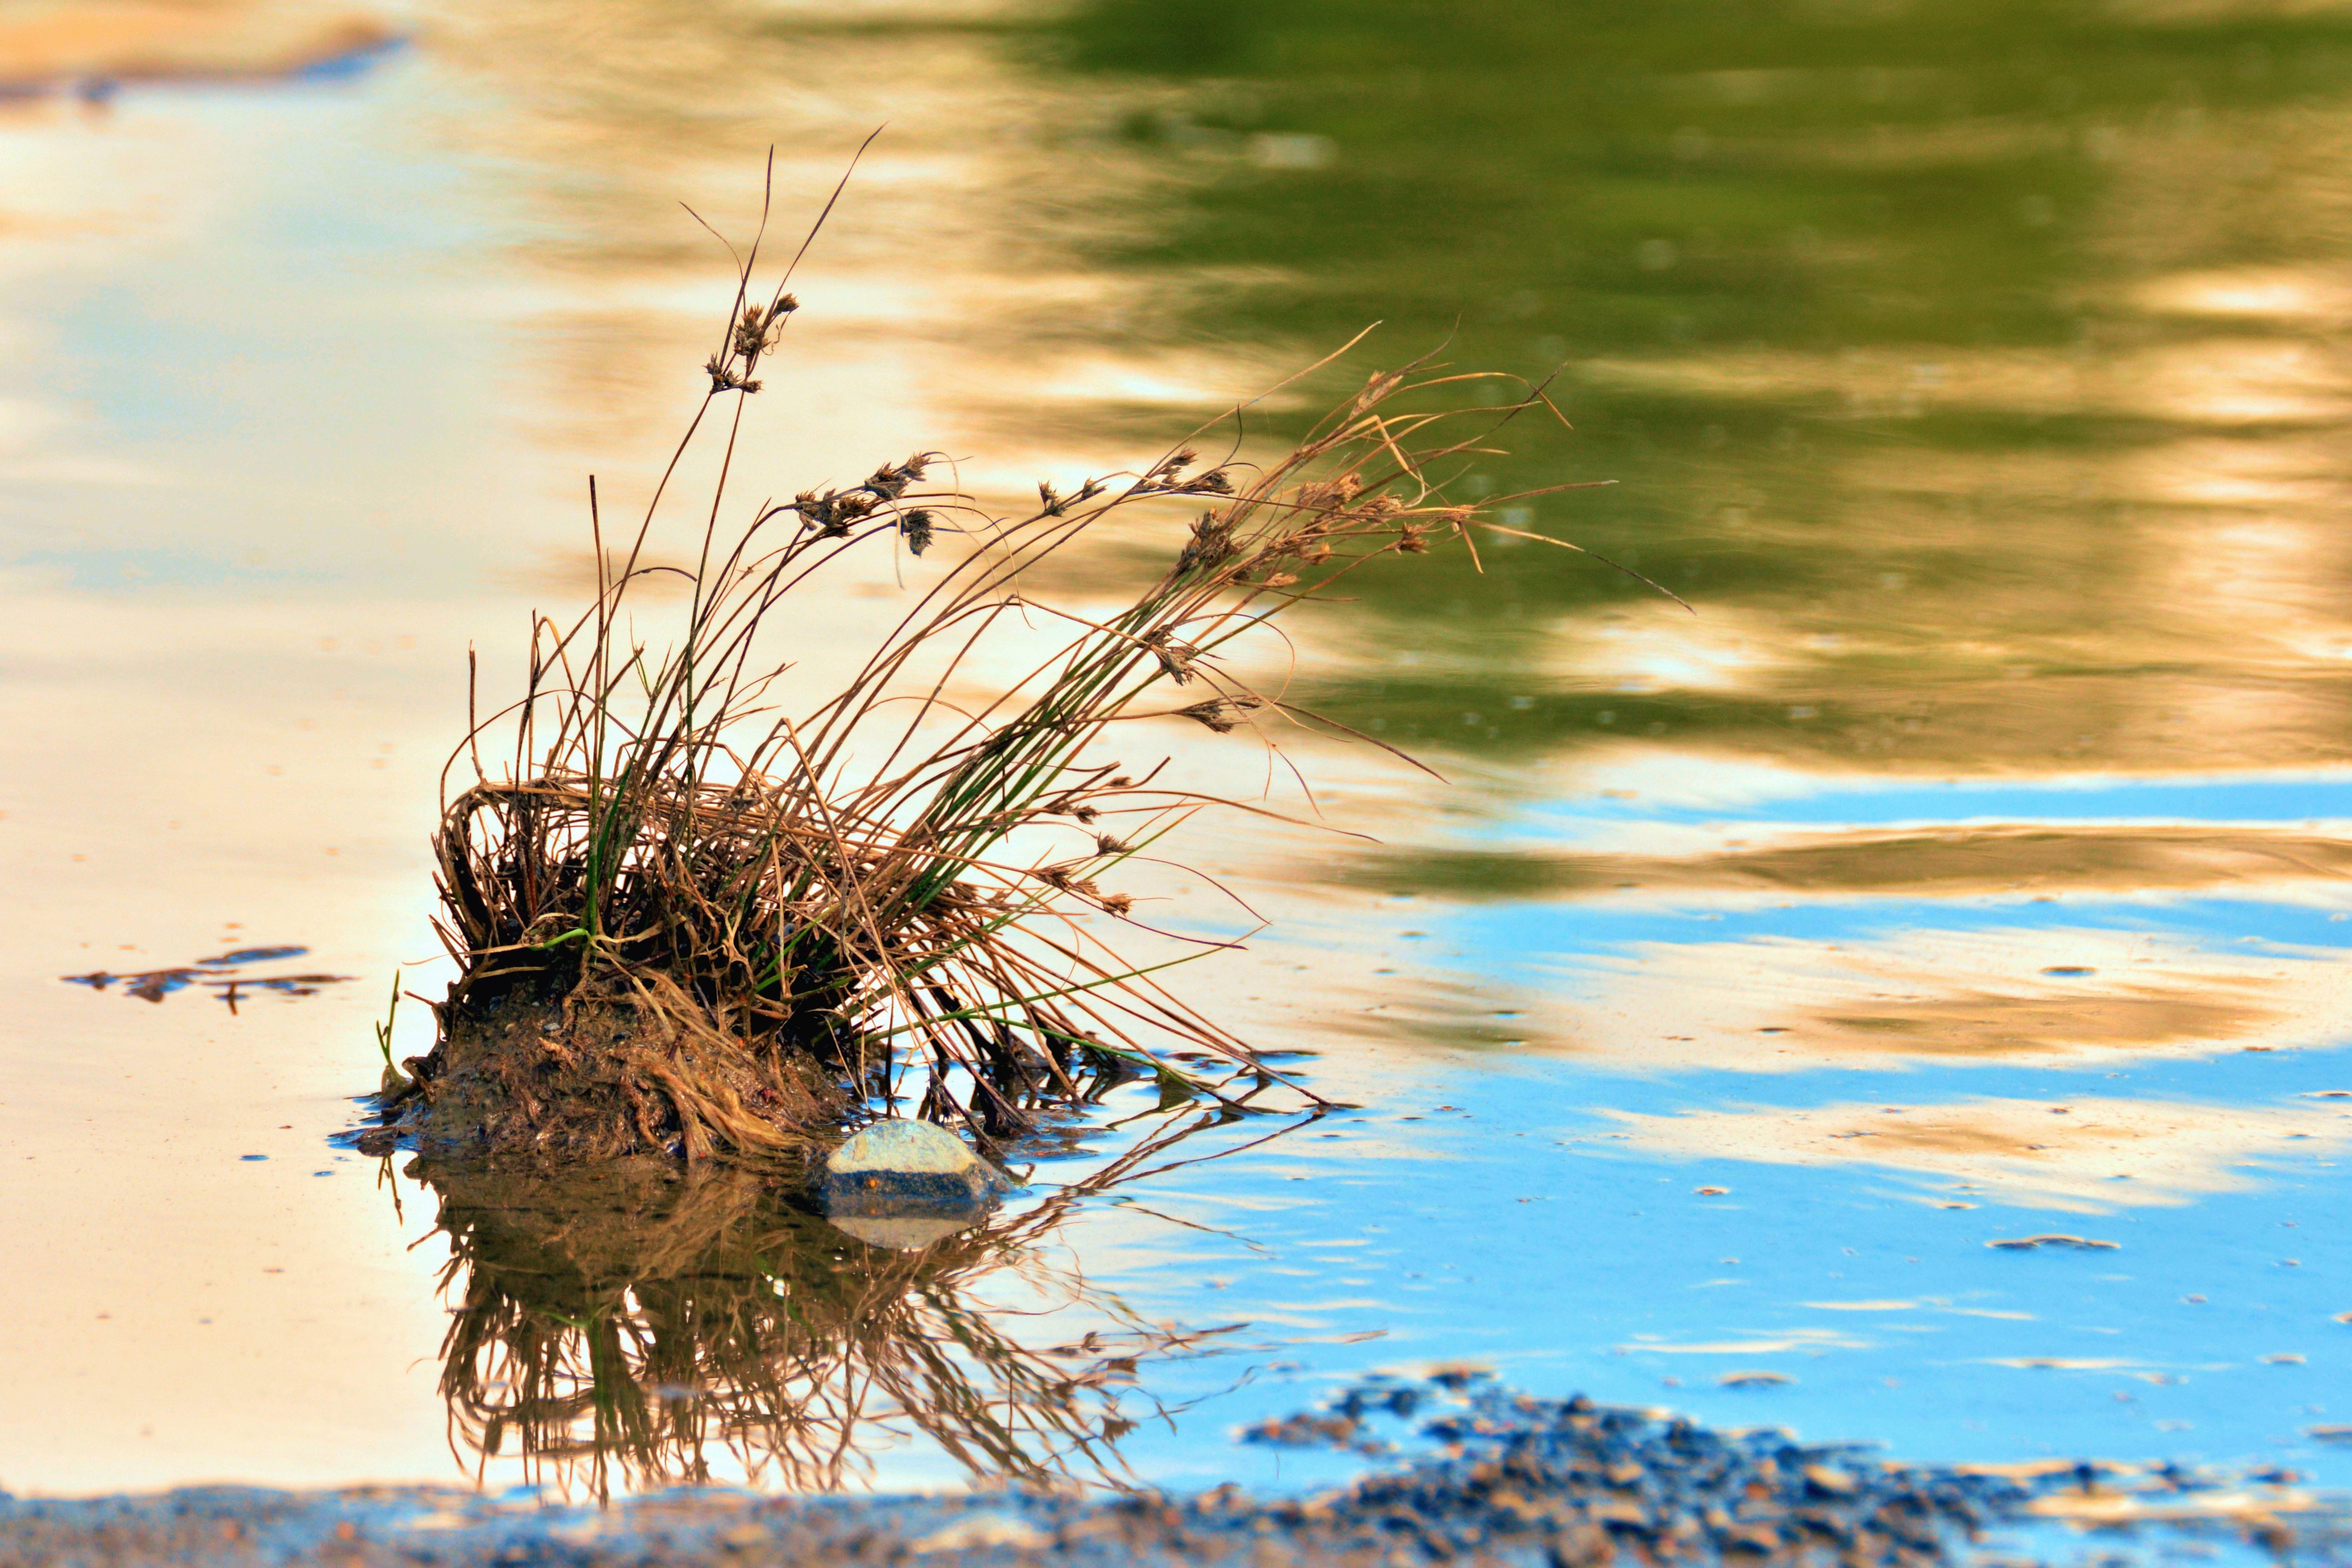 ежик отражение в воде стихи фото углом выполняется виса